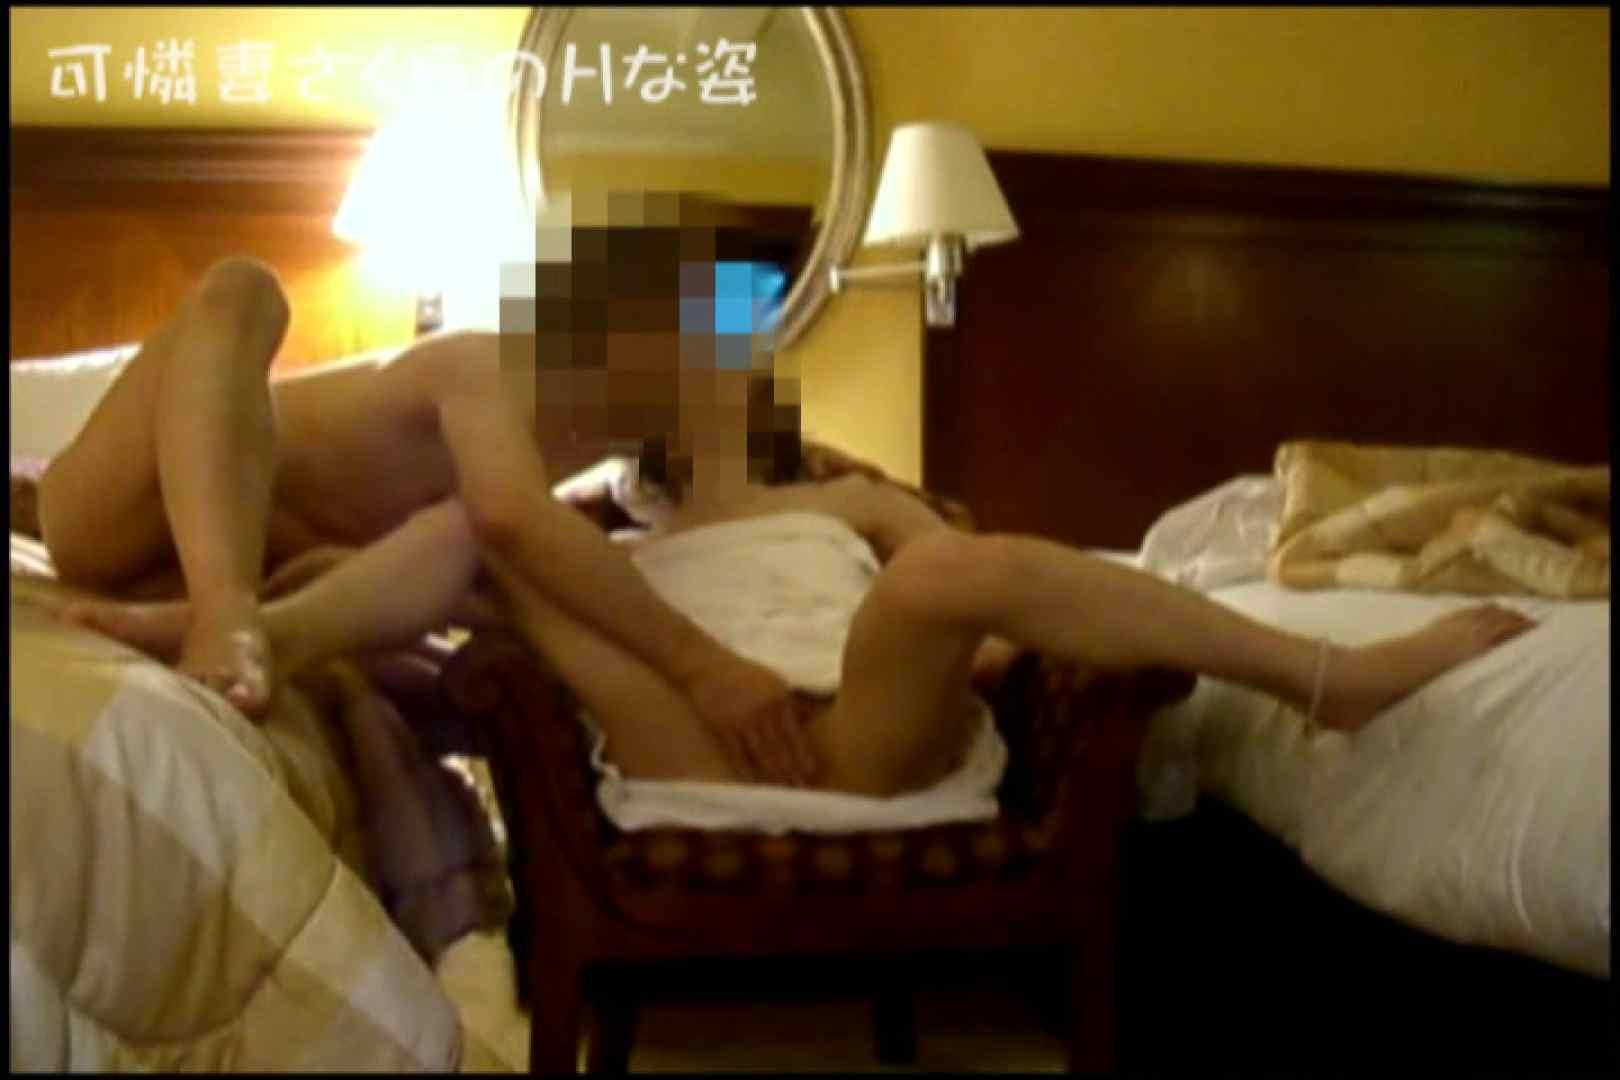 可憐妻さくらのHな姿vol.7 セックス ワレメ動画紹介 76pic 8